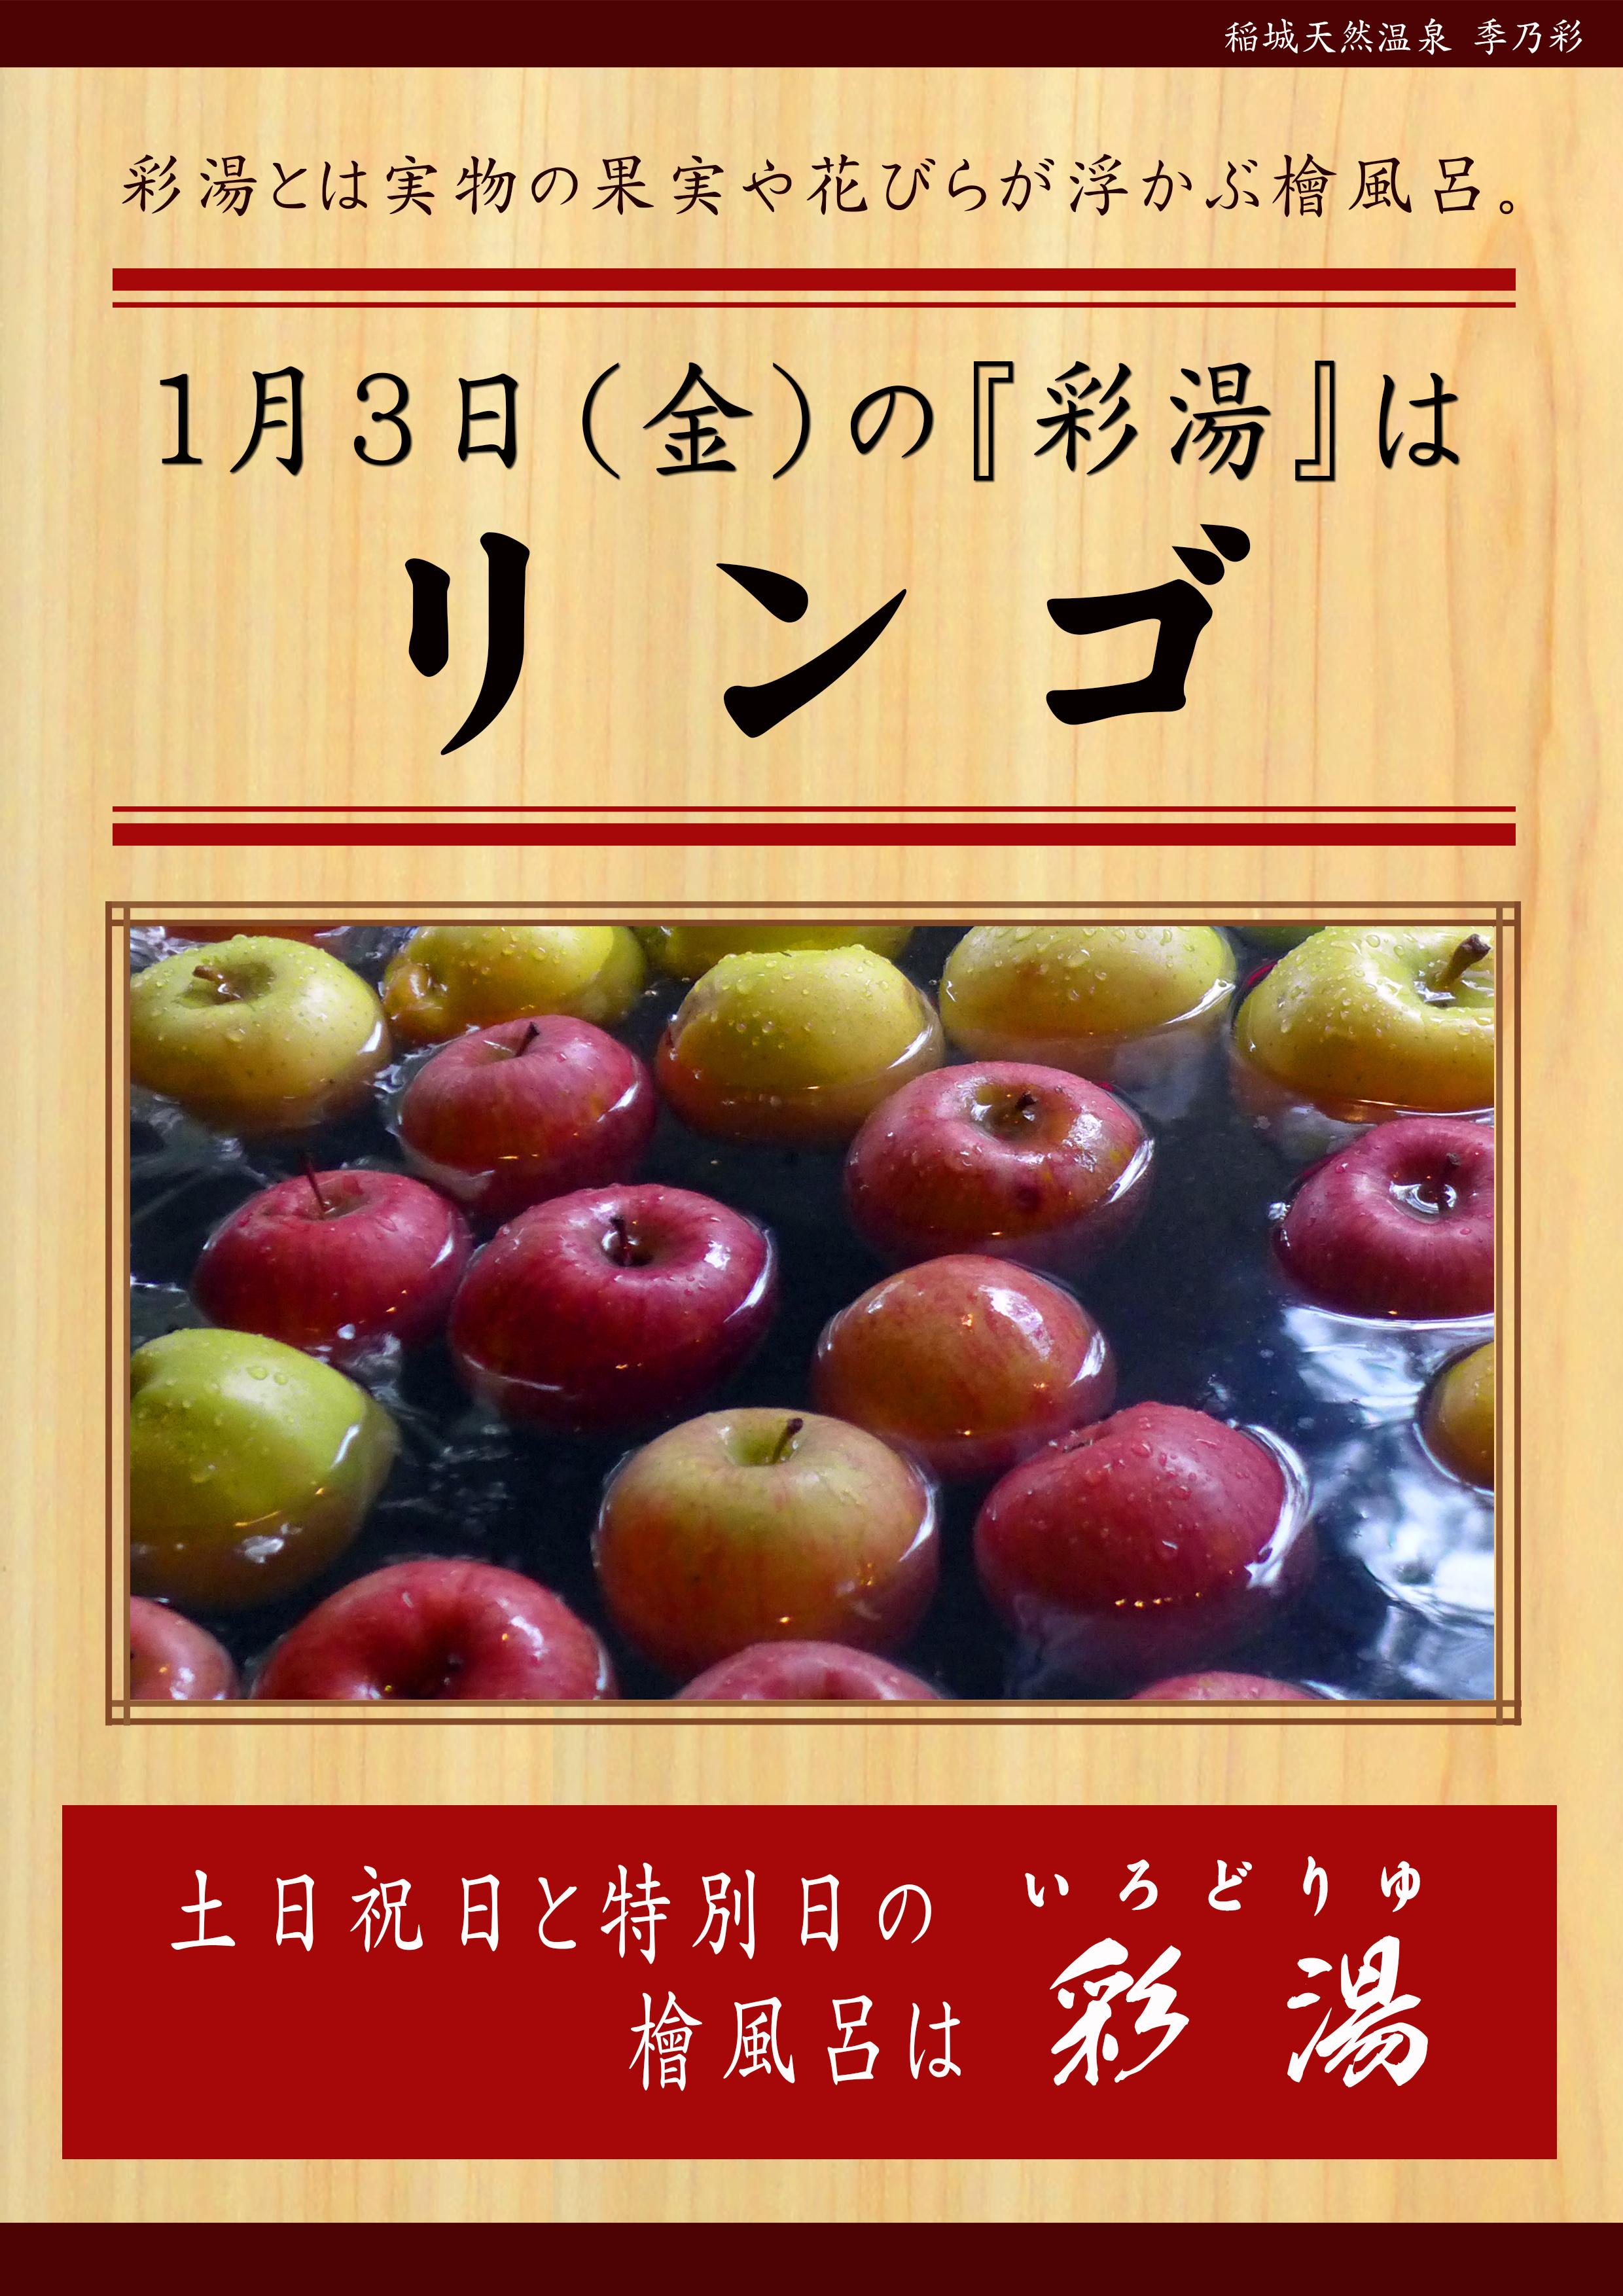 20200103 POP イベント 彩湯 リンゴ